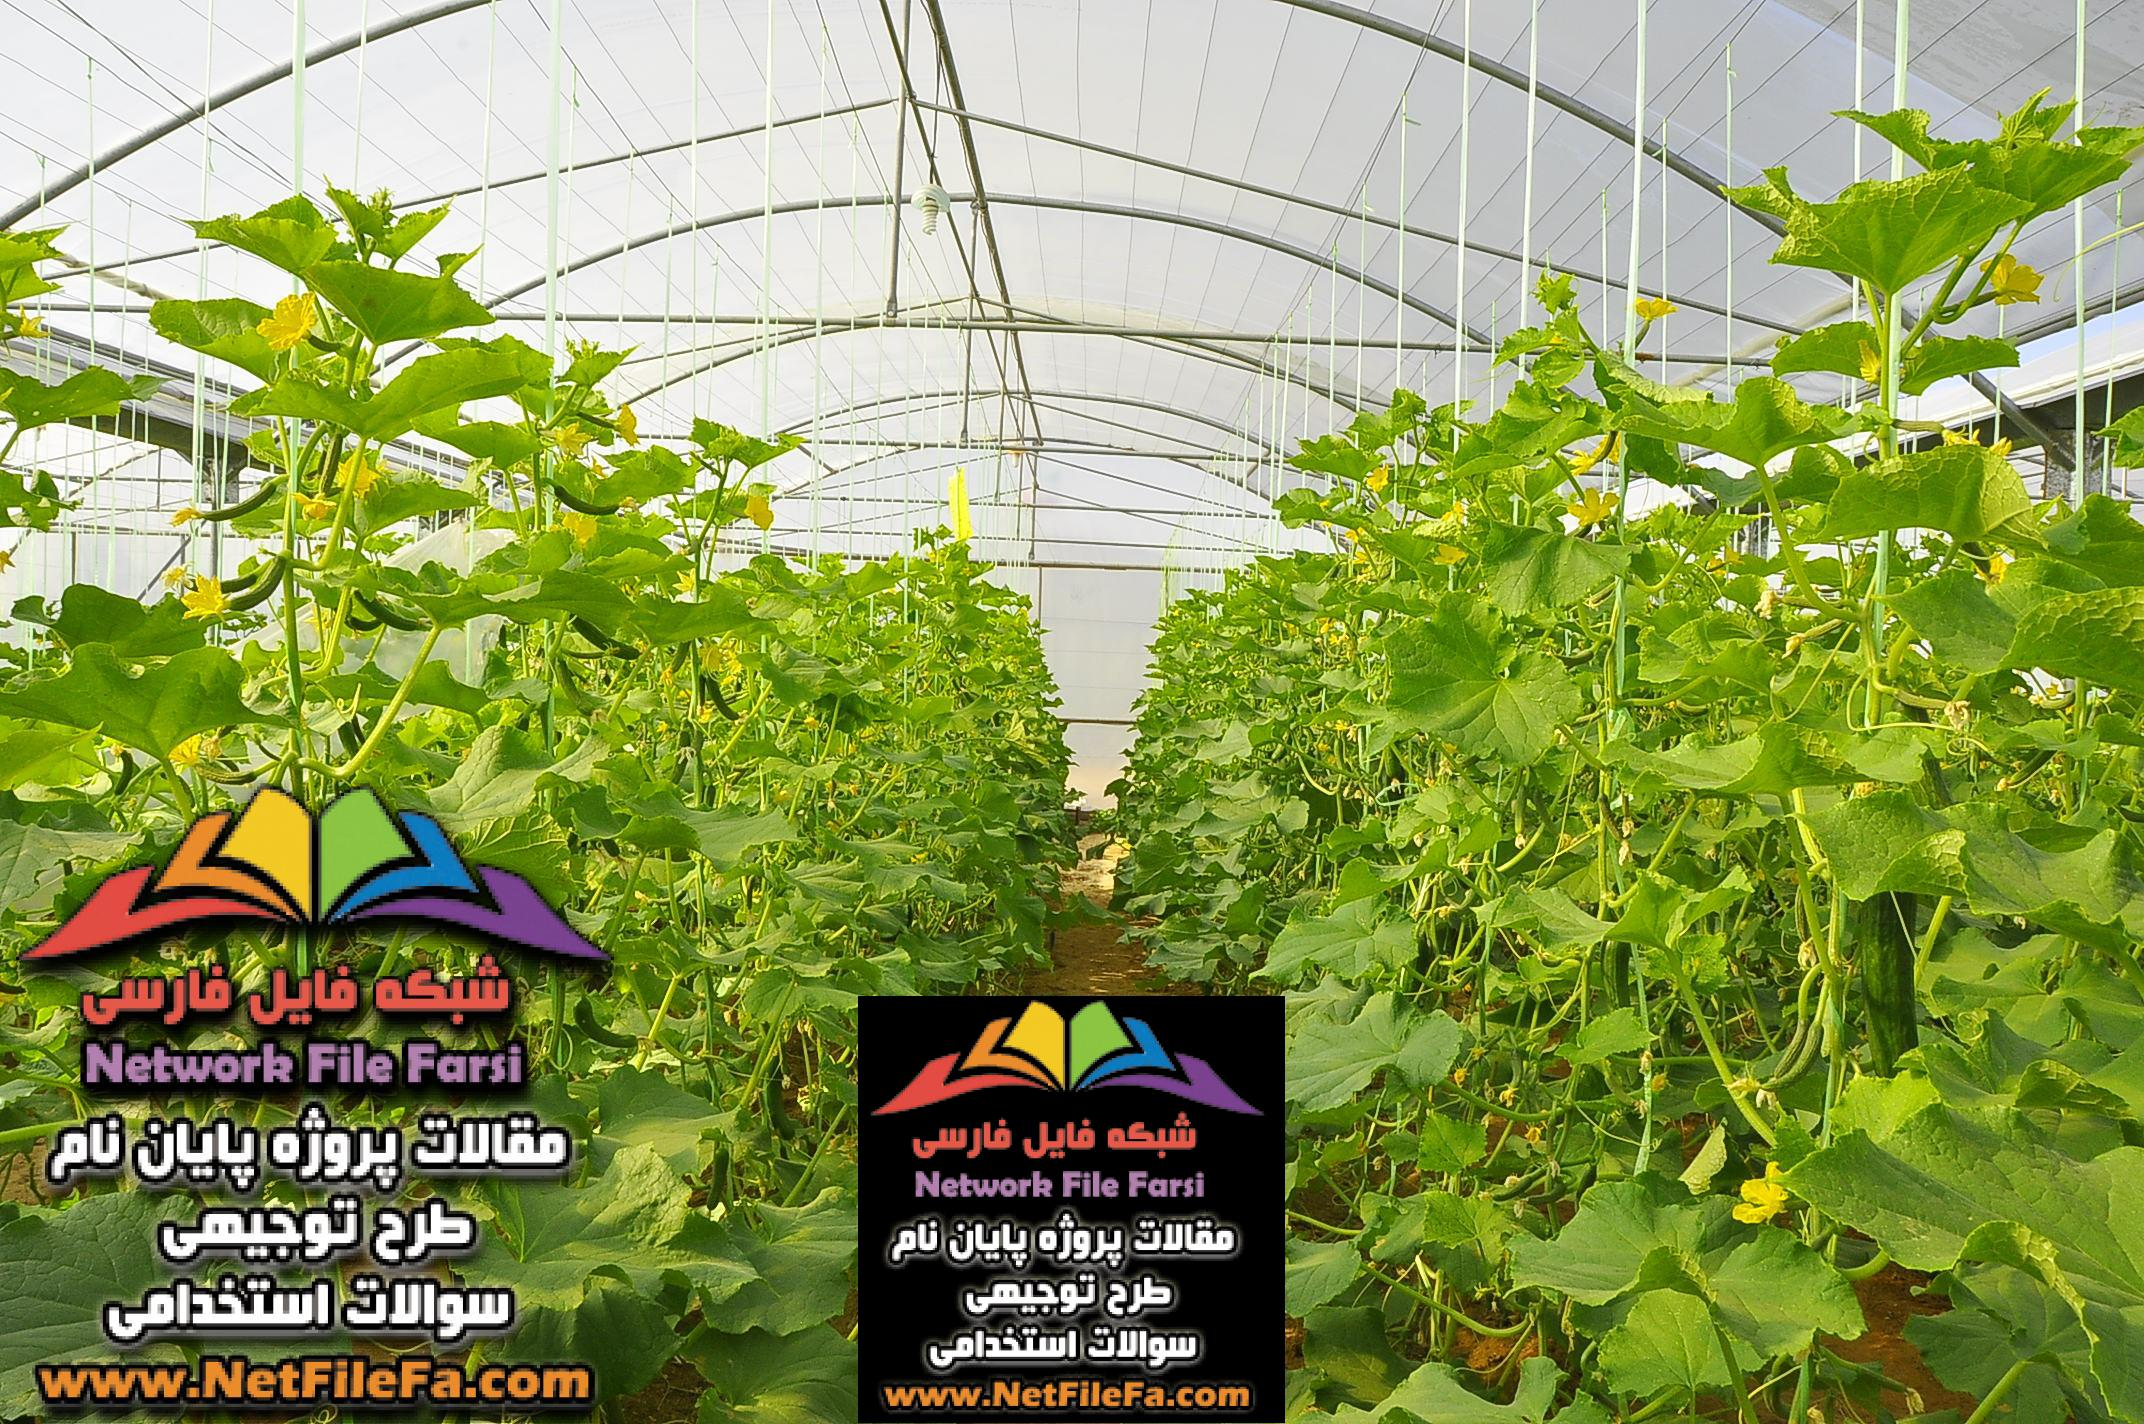 طرح توجیهی تولید محصولات خارج از فصل در گلخانه